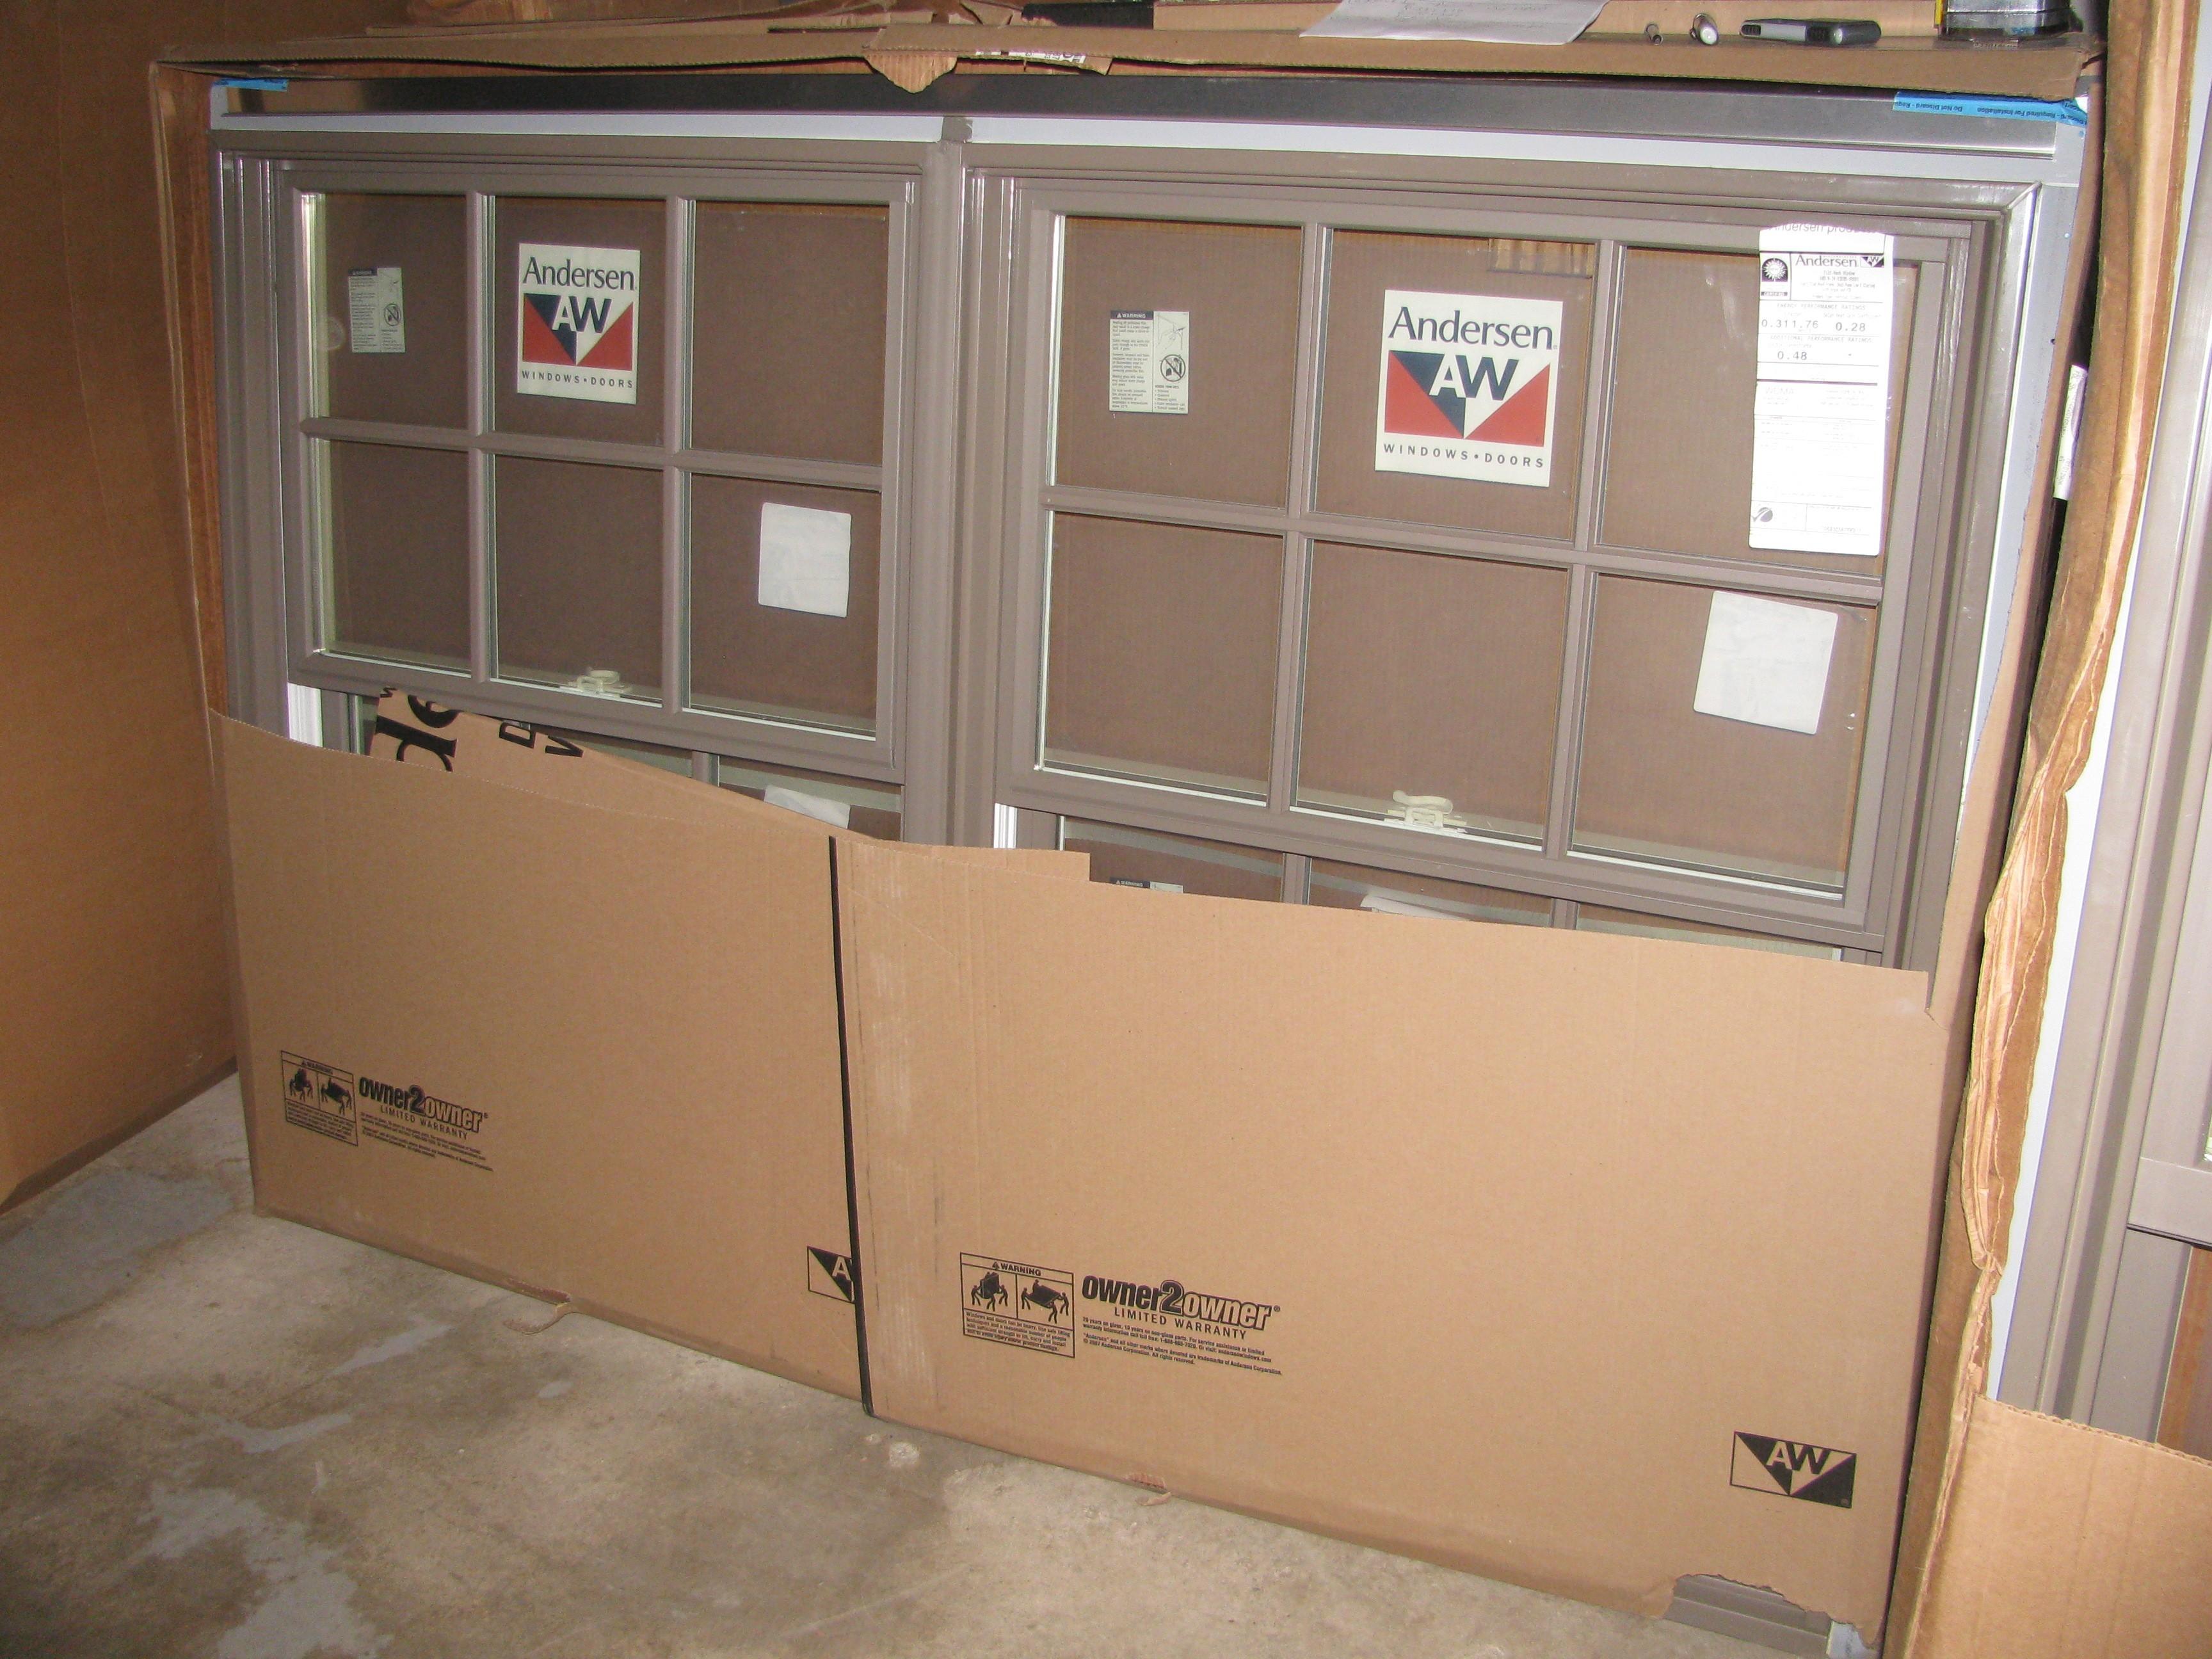 3 new andersen terratone double double hung windows for Andersen windows u factor